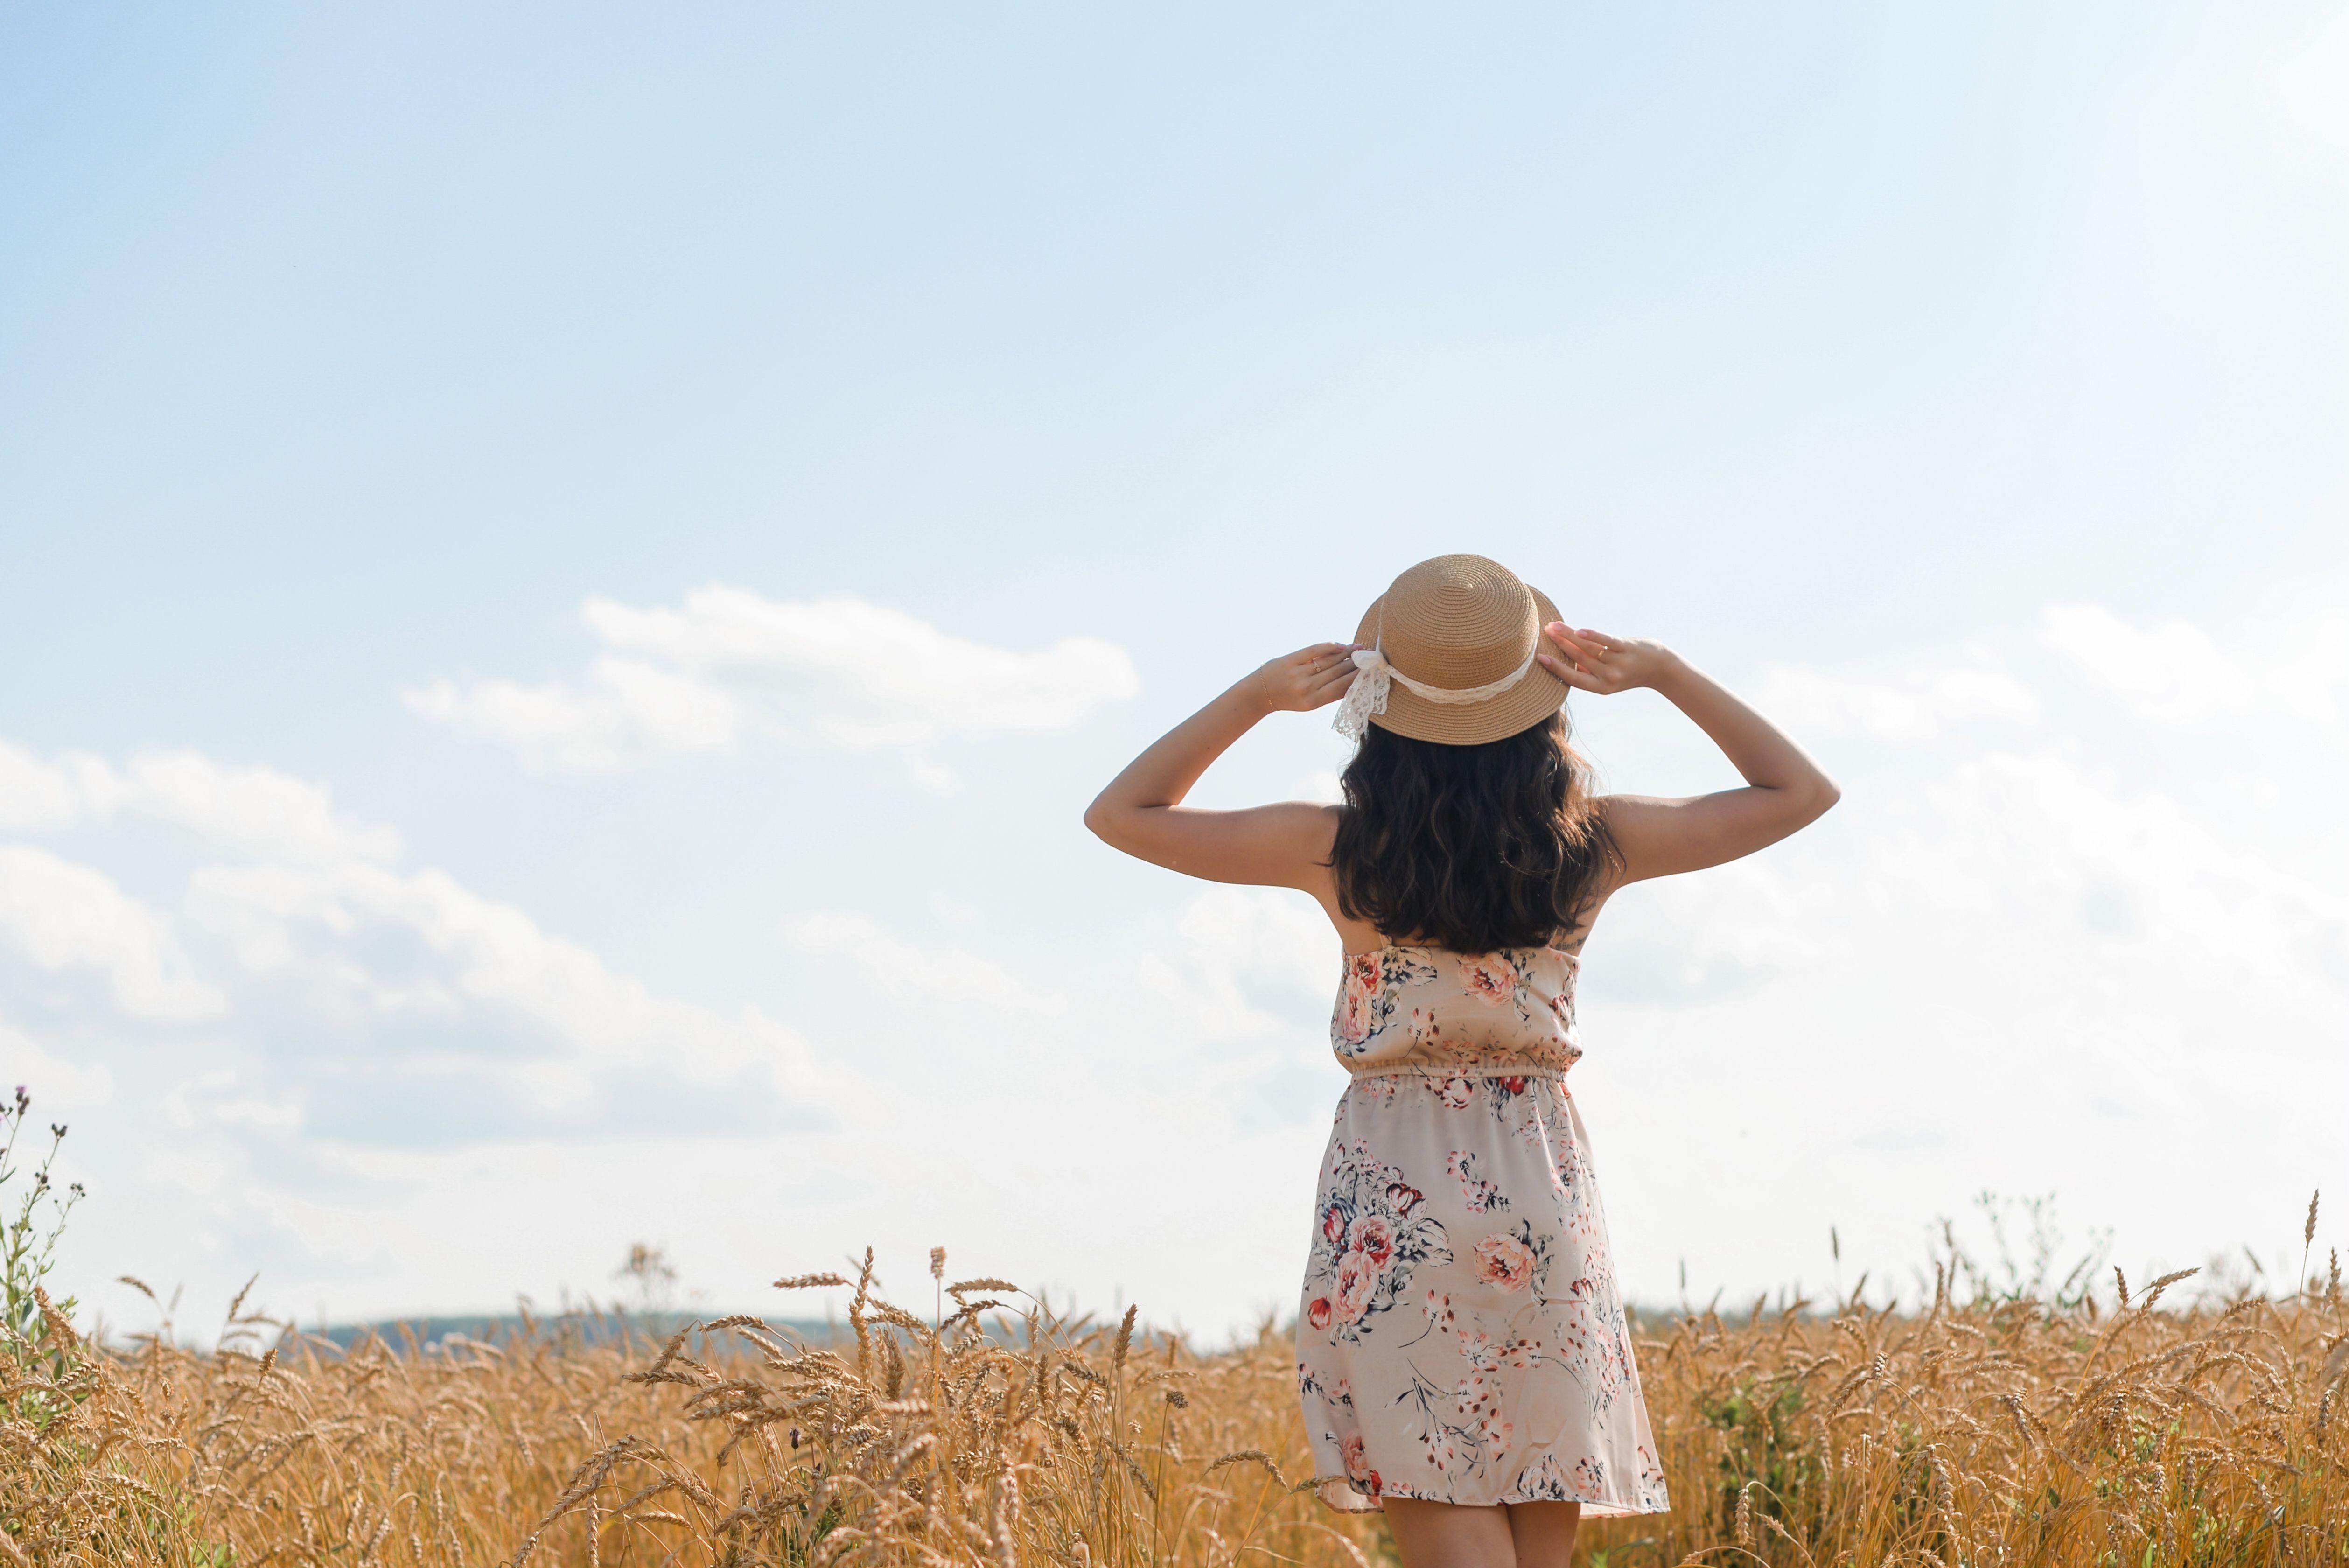 Фото на природе, пшеничные поля, золотая рожь | Пшеничные ...